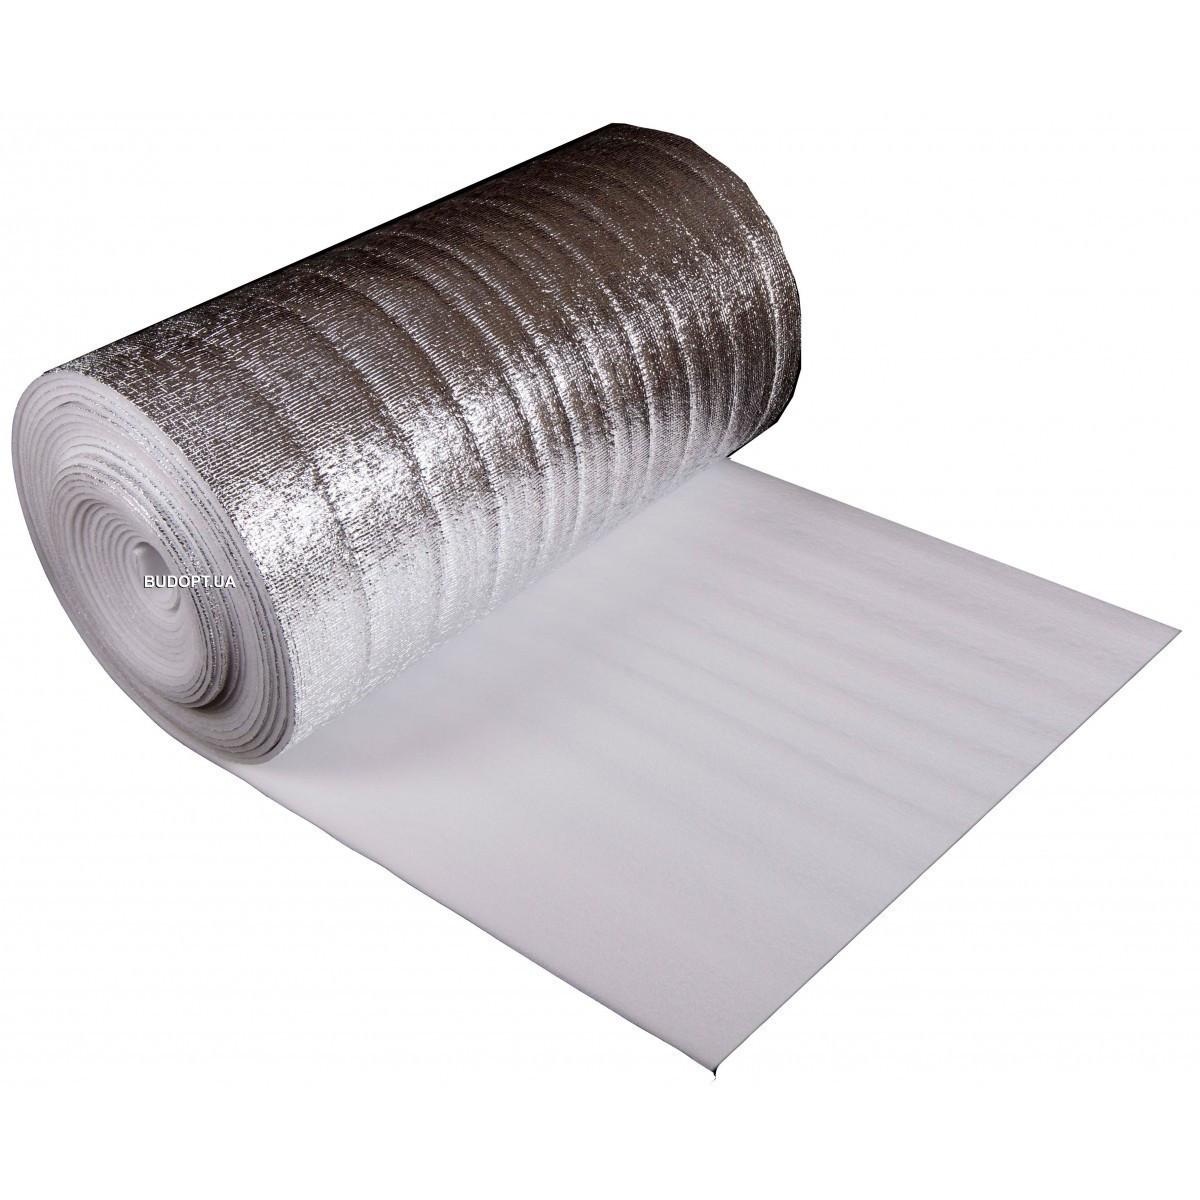 Вспененный полиэтилен ламинированный ППЕЛ-1м х 50м толщина 8 мм (подложка под теплый пол)